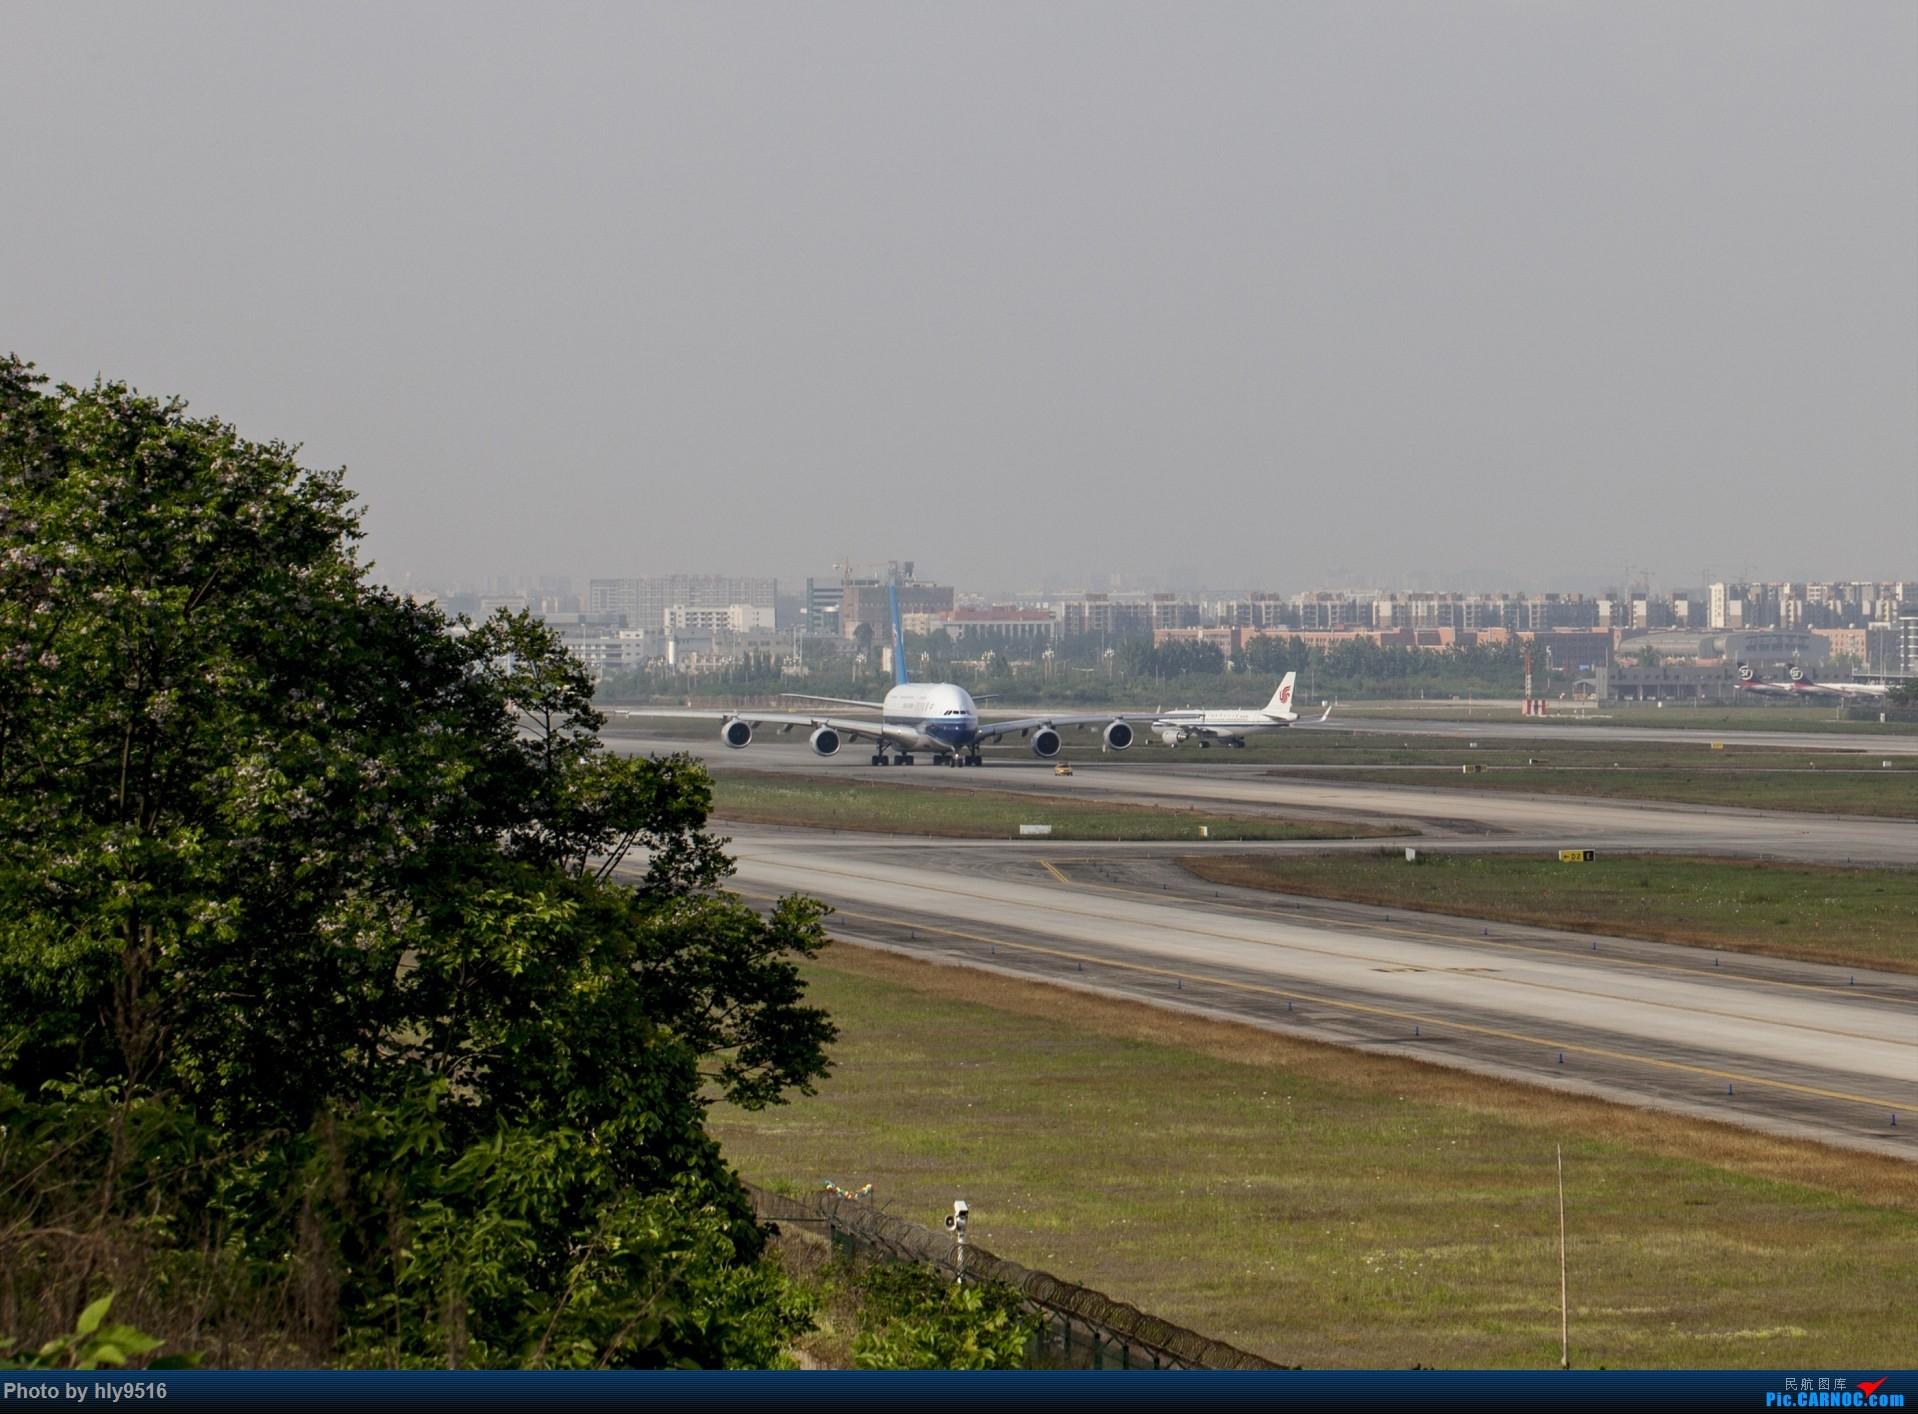 Re:[原创]【CTU】终于解决了大怨念南航A380 偶遇长荣新涂装 两次复飞 小怨念若干    中国成都双流国际机场